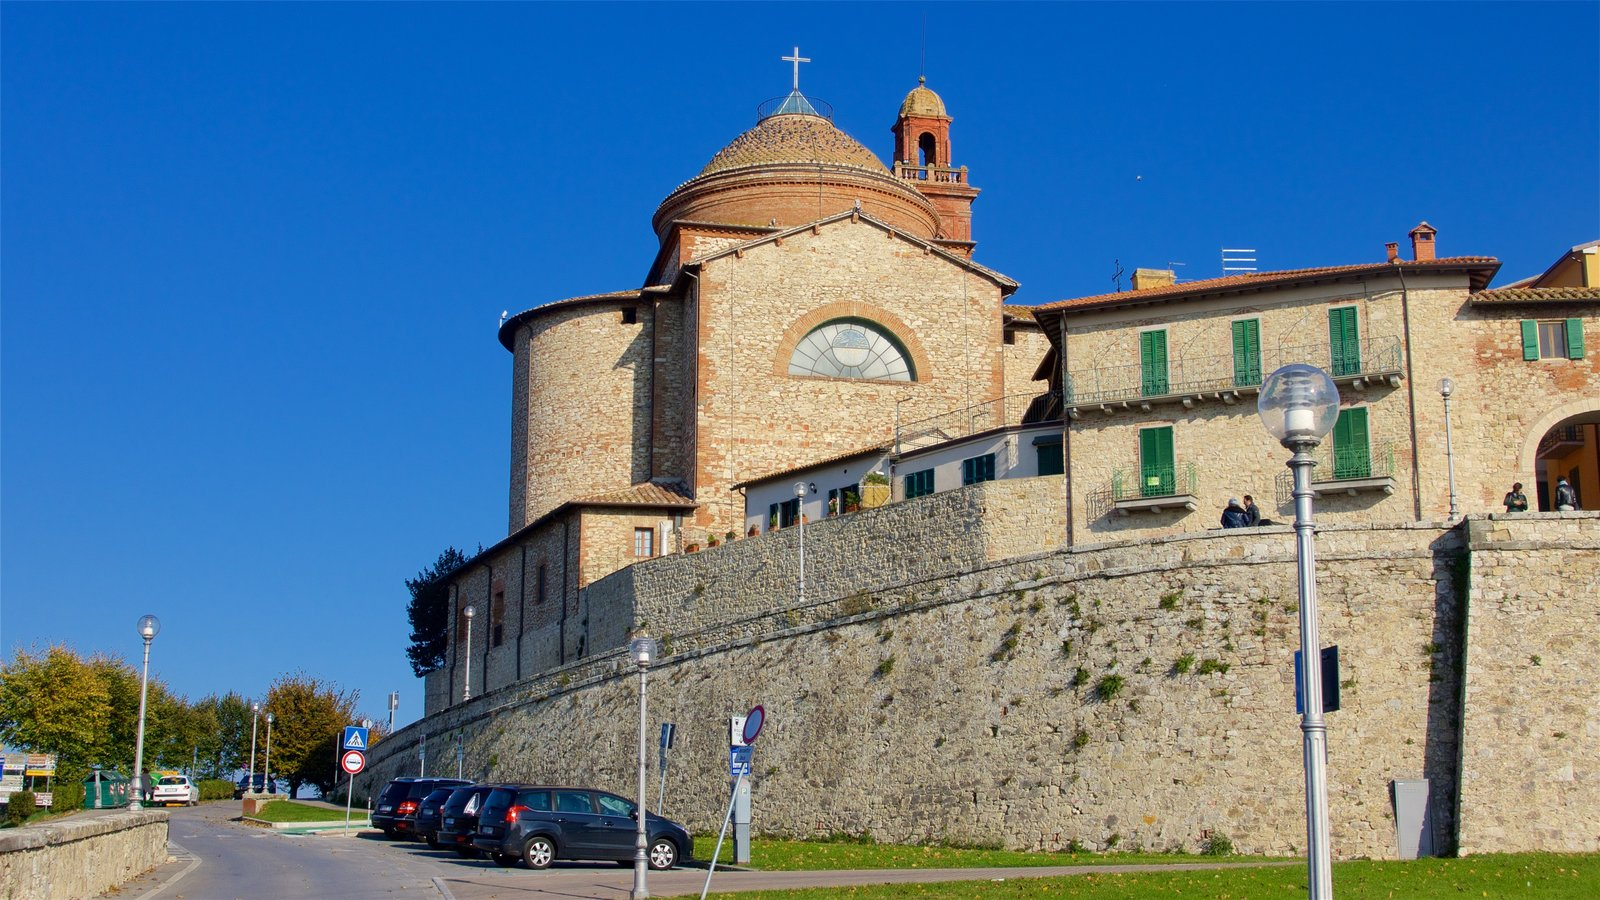 Castiglione del Lago featuring a church or cathedral